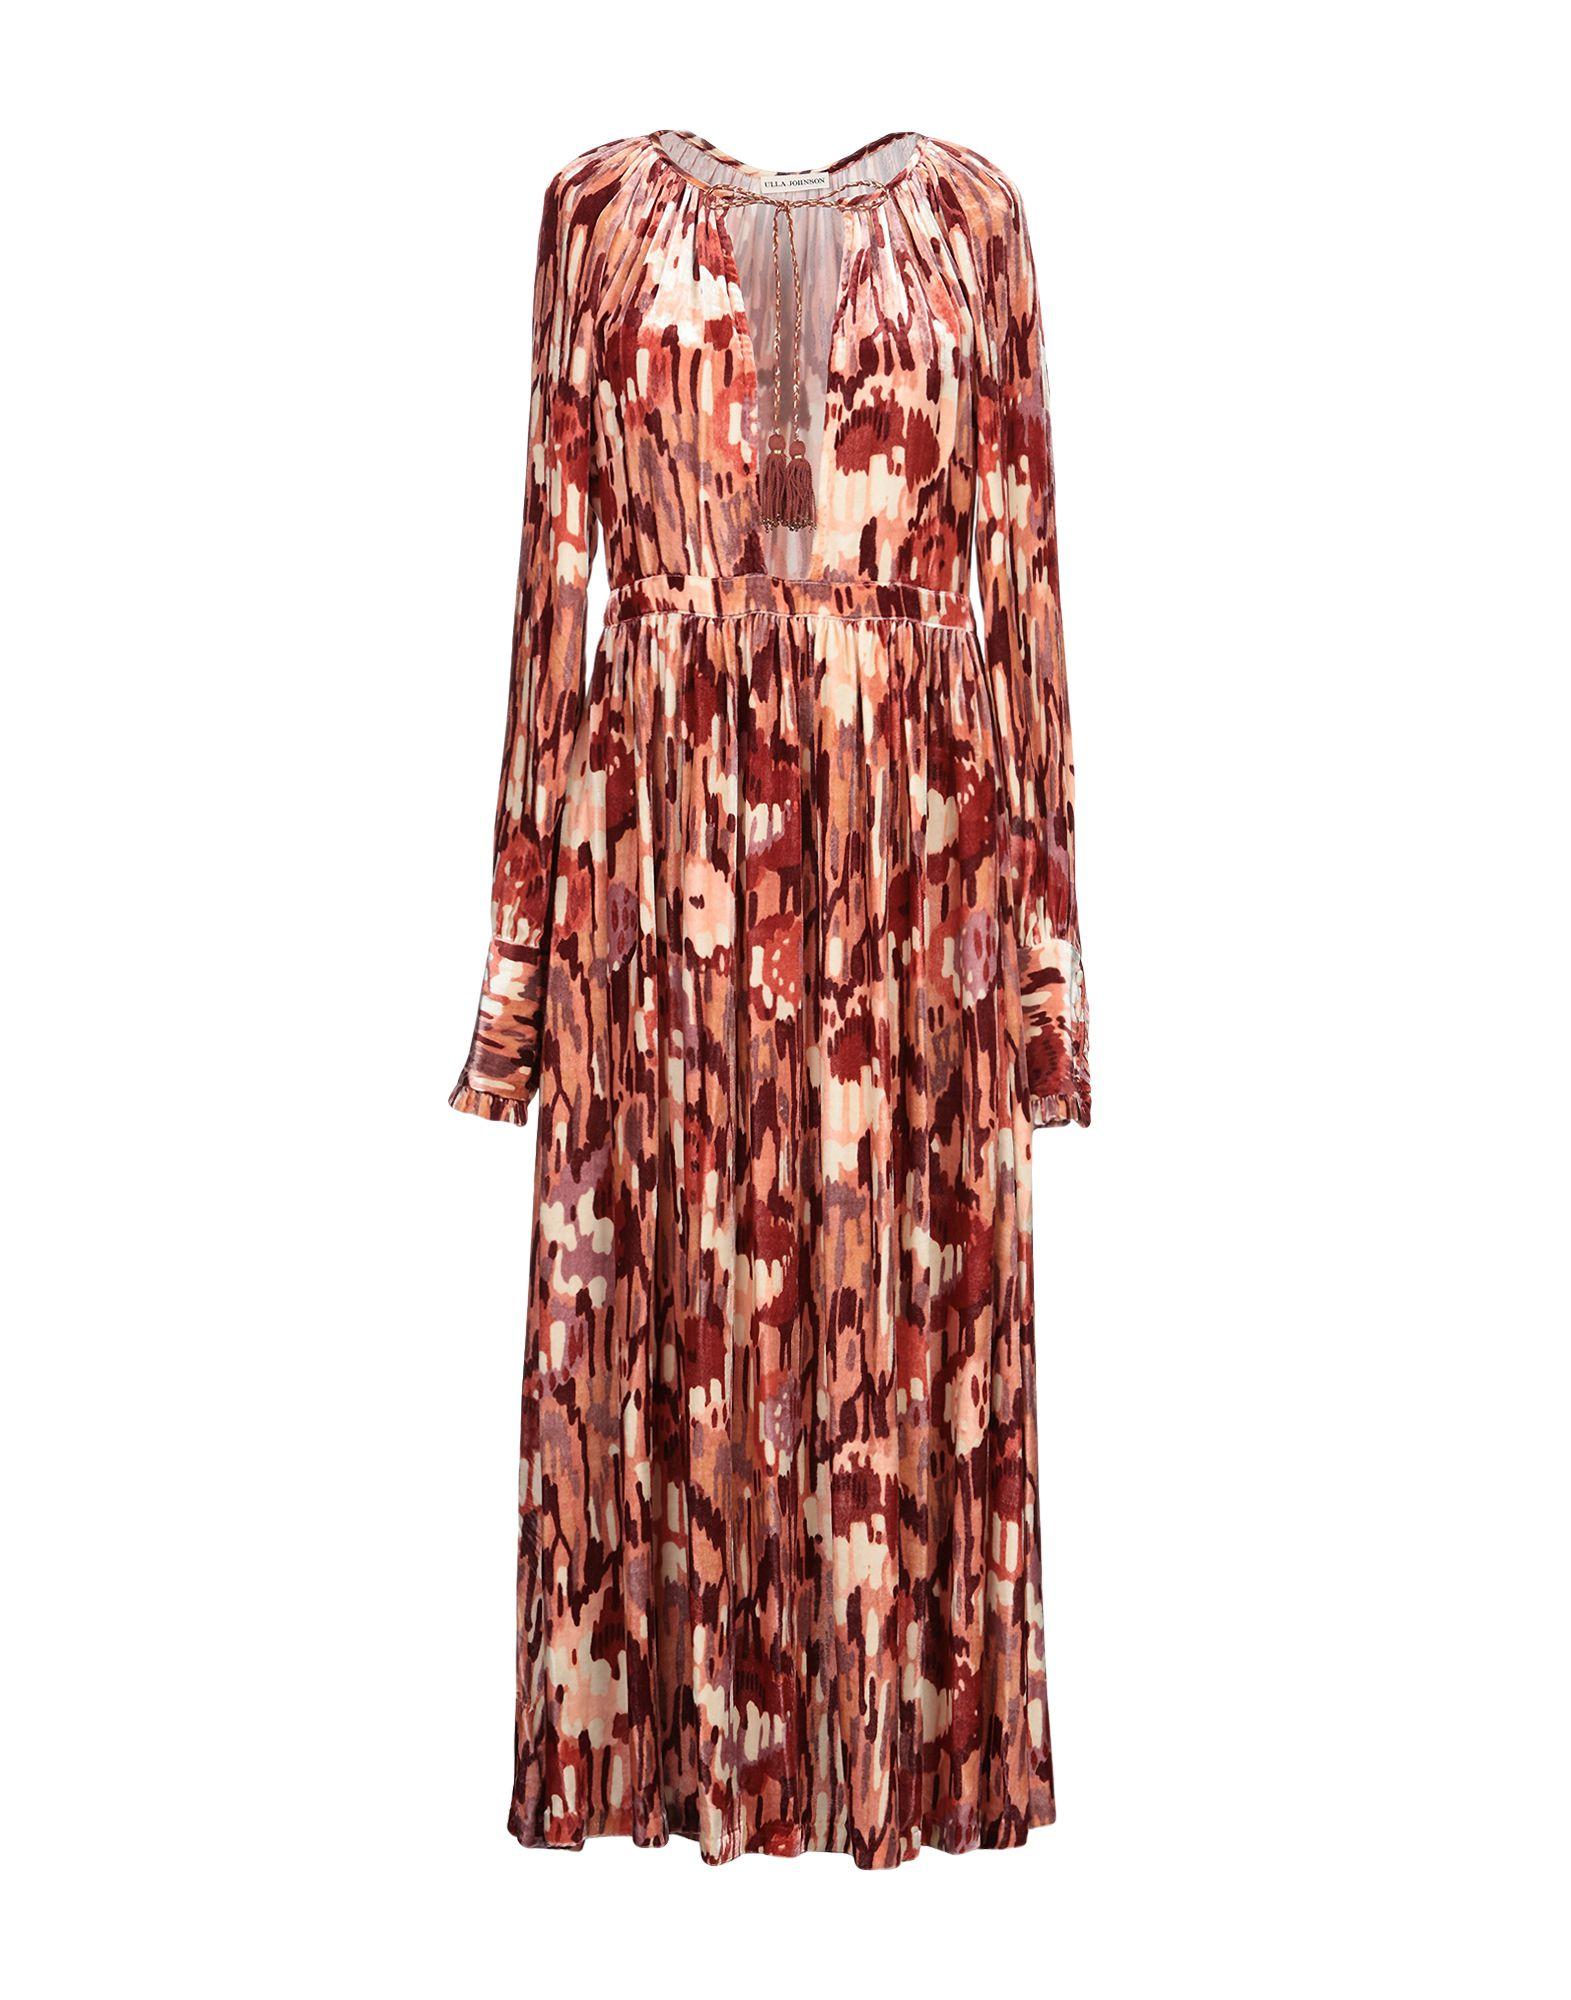 ULLA JOHNSON Платье длиной 3/4 недорго, оригинальная цена